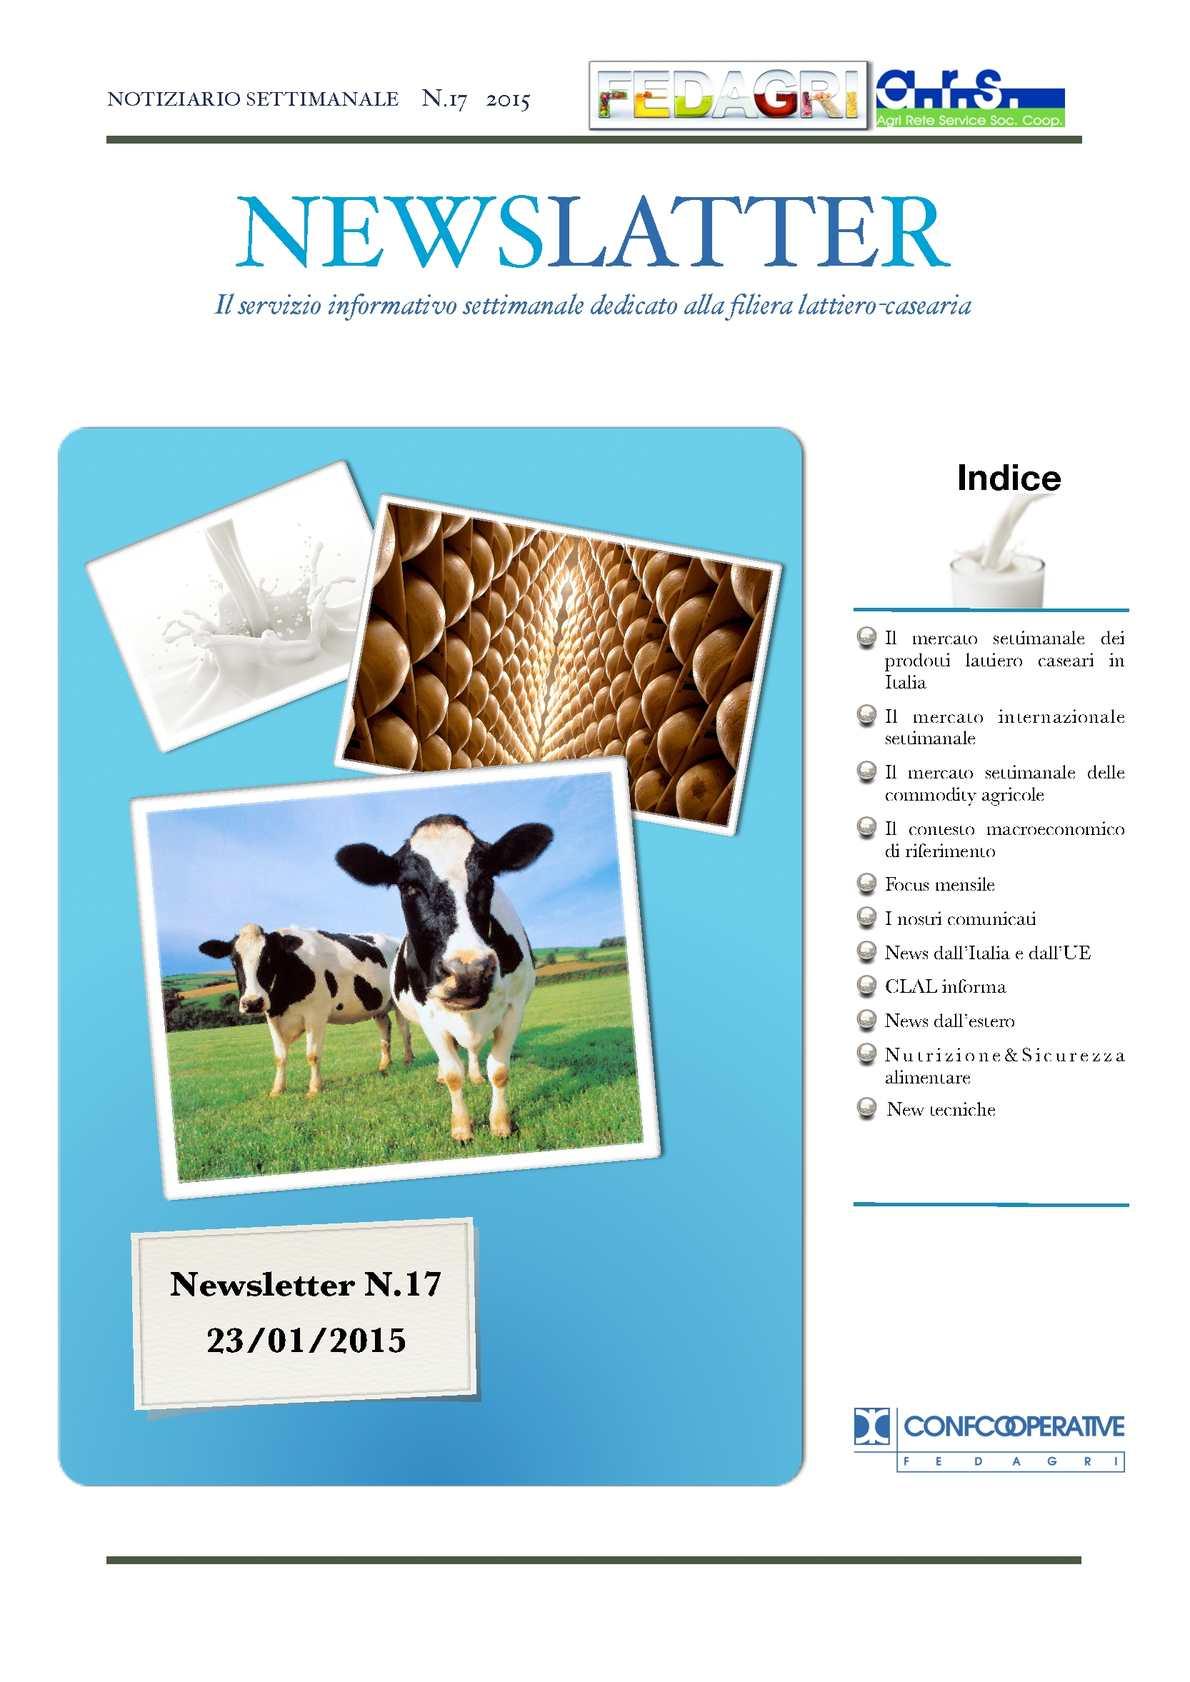 63c587df54 Calaméo - 17. Newslatter Notiziario Fedagri 2015